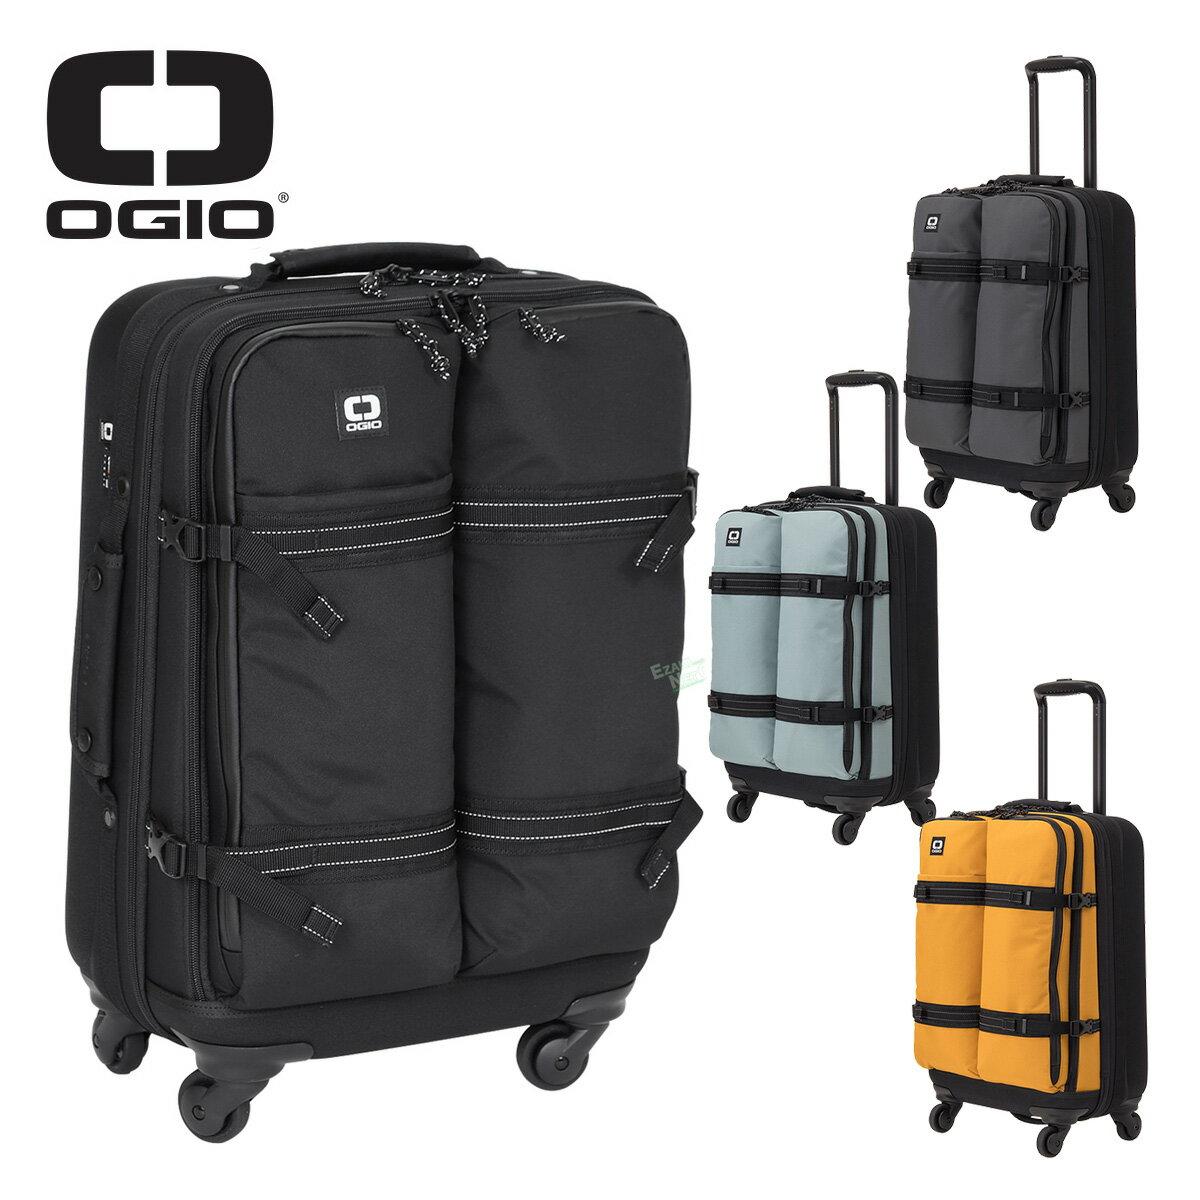 バッグ, スーツケース・キャリーバッグ OGIO() Convoy 522s Travel Bag JV( 522s JV) 2020